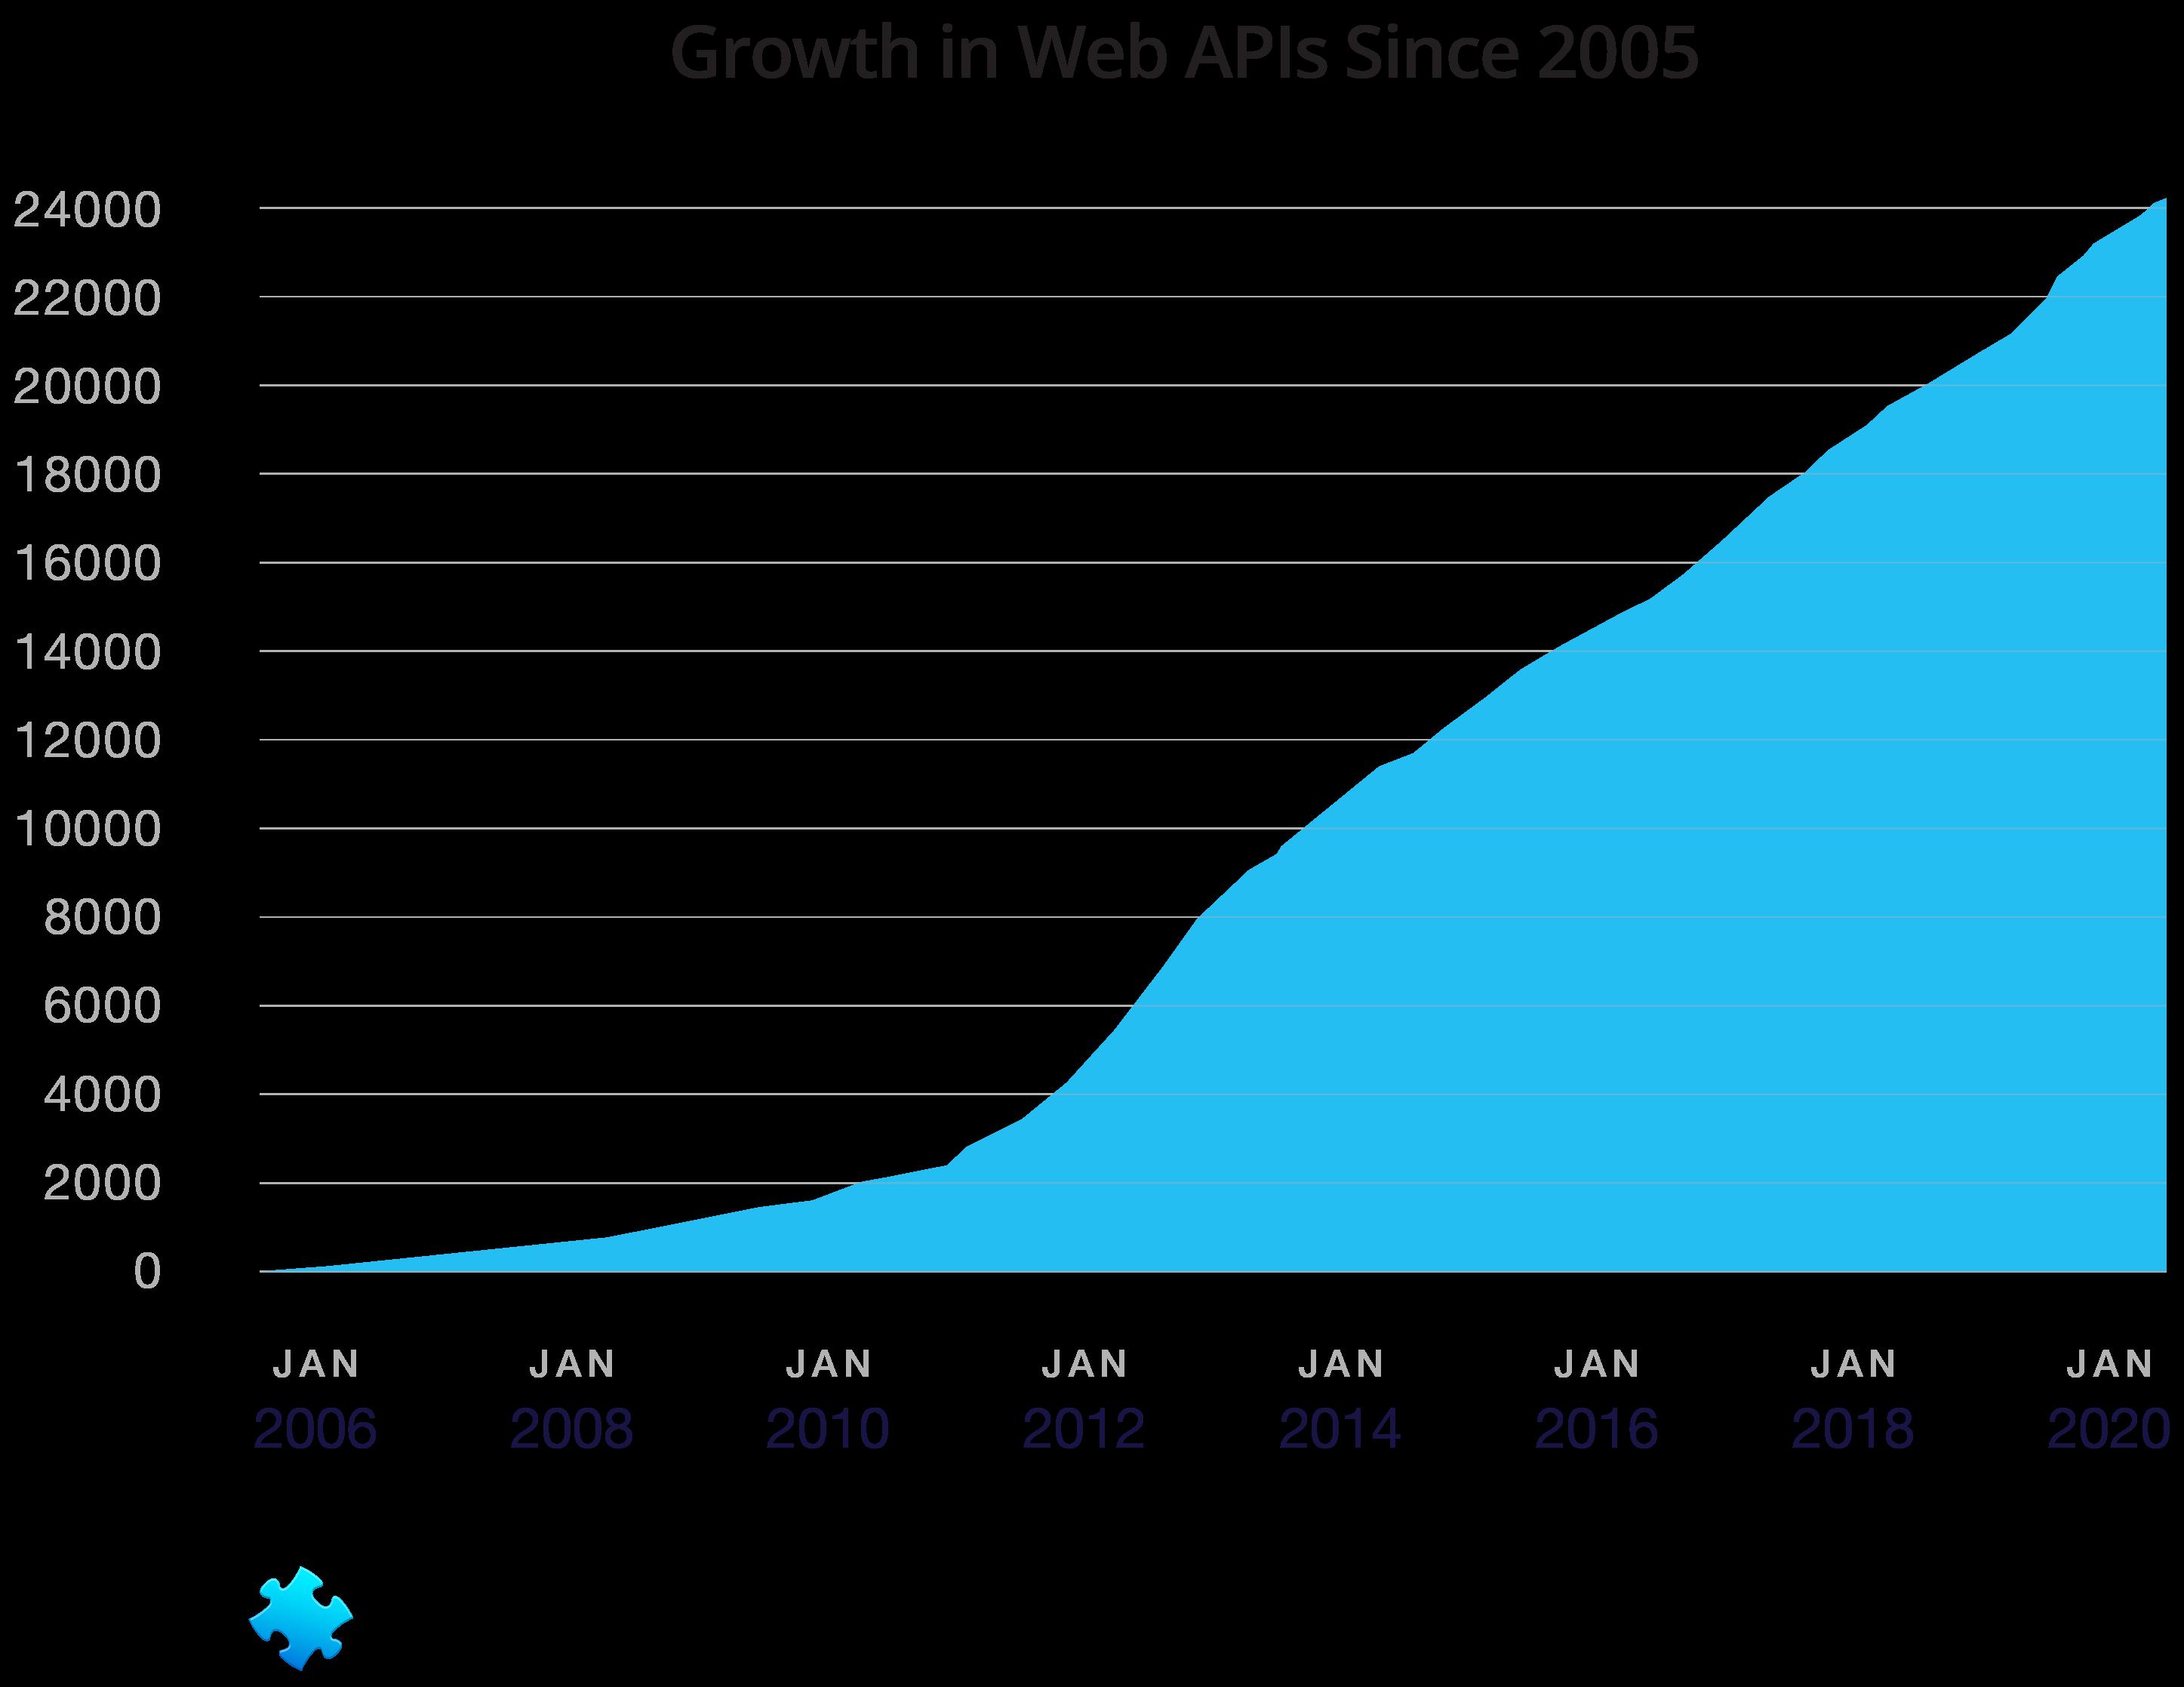 2006 年以降の ProgrammableWeb API ディレクトリの成長を示すグラフ。2010 年 12 月から 2020 年 12 月までに作成された API の急増を示すグラフ。